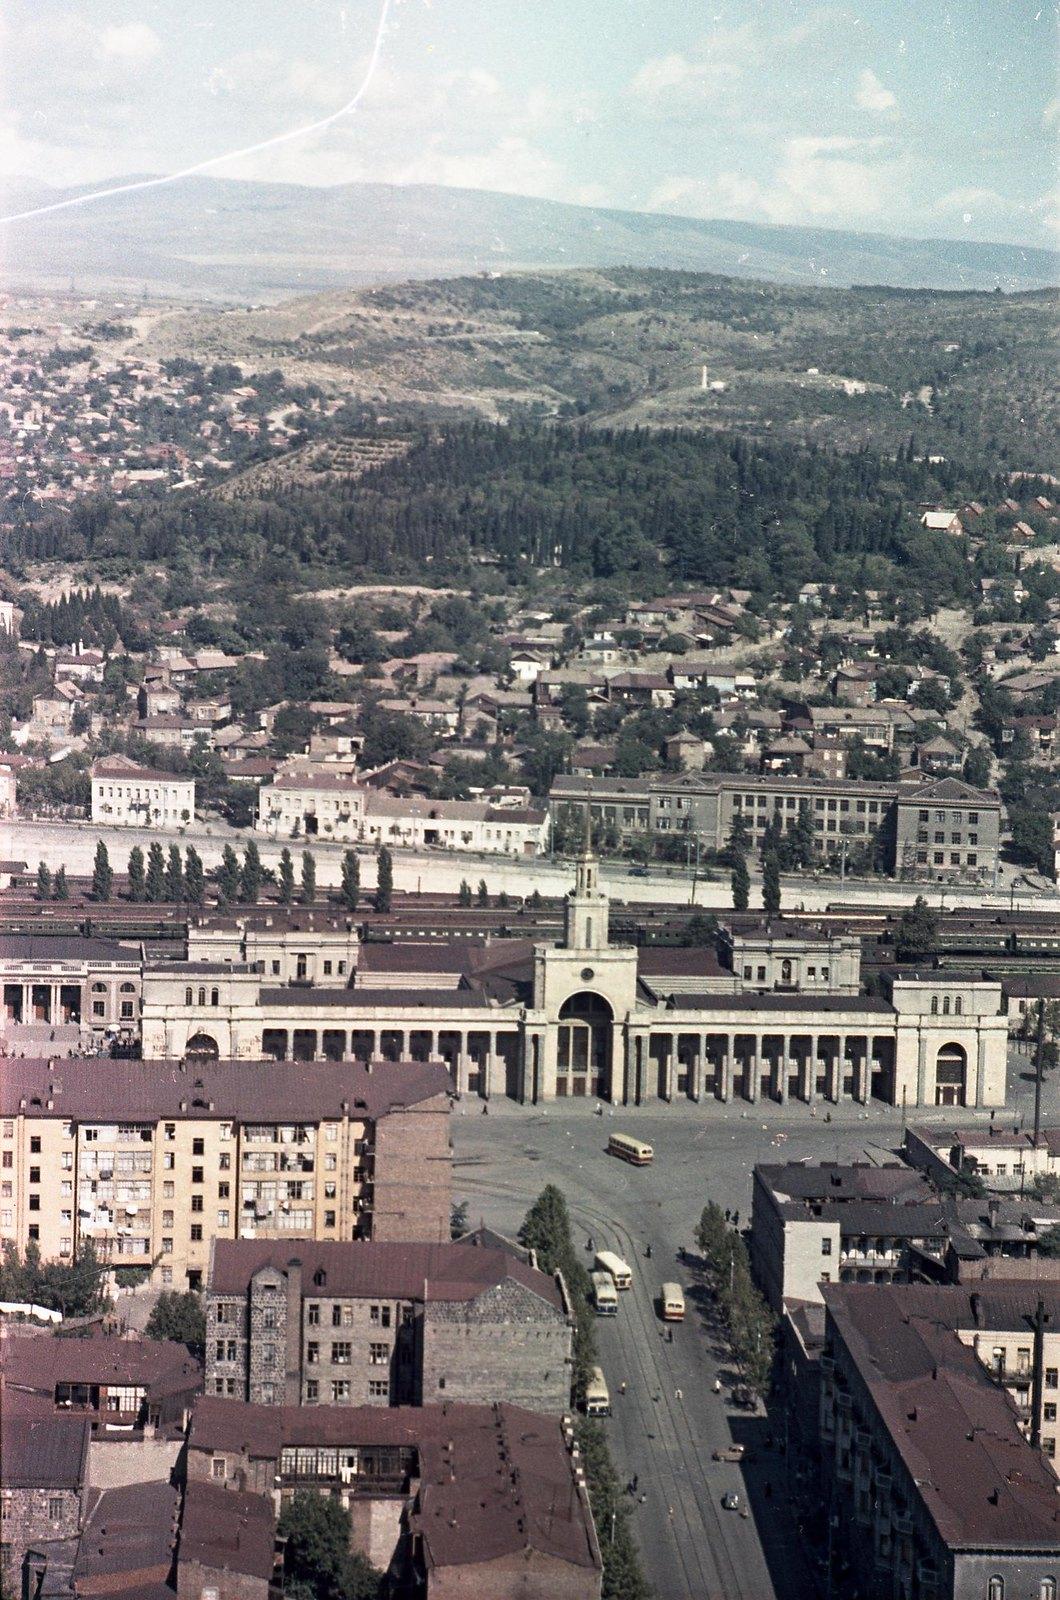 Тбилиси. Съёмка из вертолета. Железнодорожный вокзал. сентябрь-октябрь